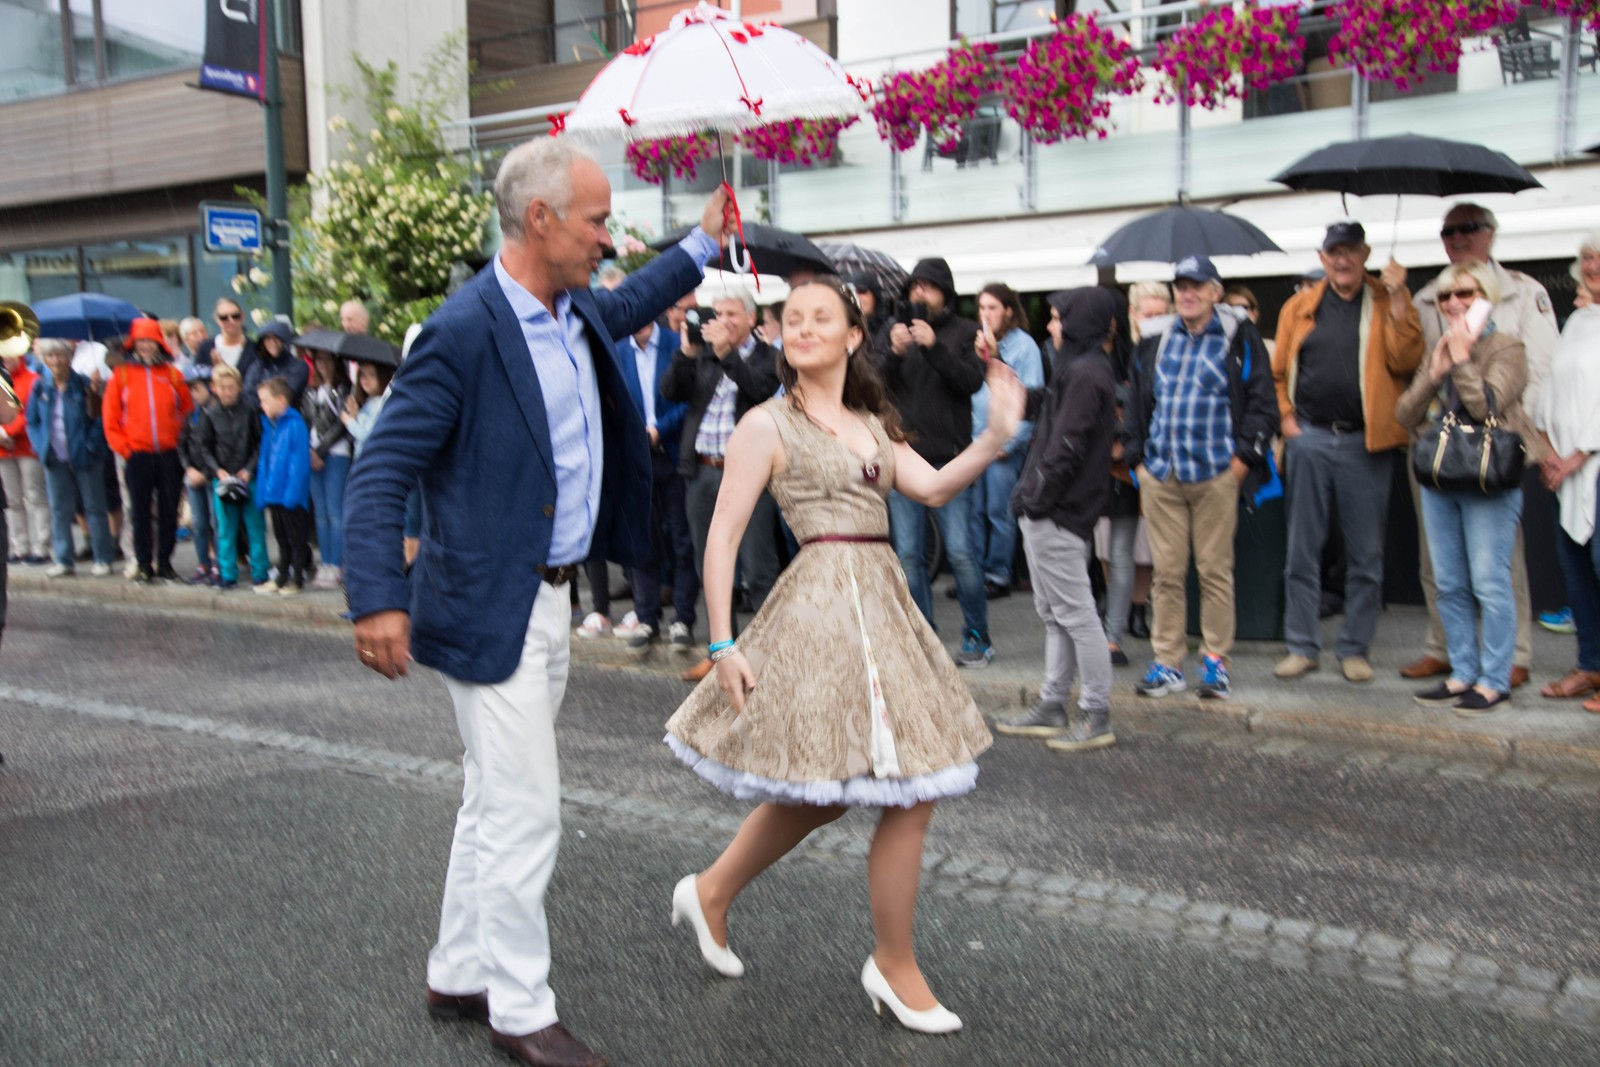 Jan Tore Sanner og danser Jenaette Holsbøvåg fremst i gateparaden.